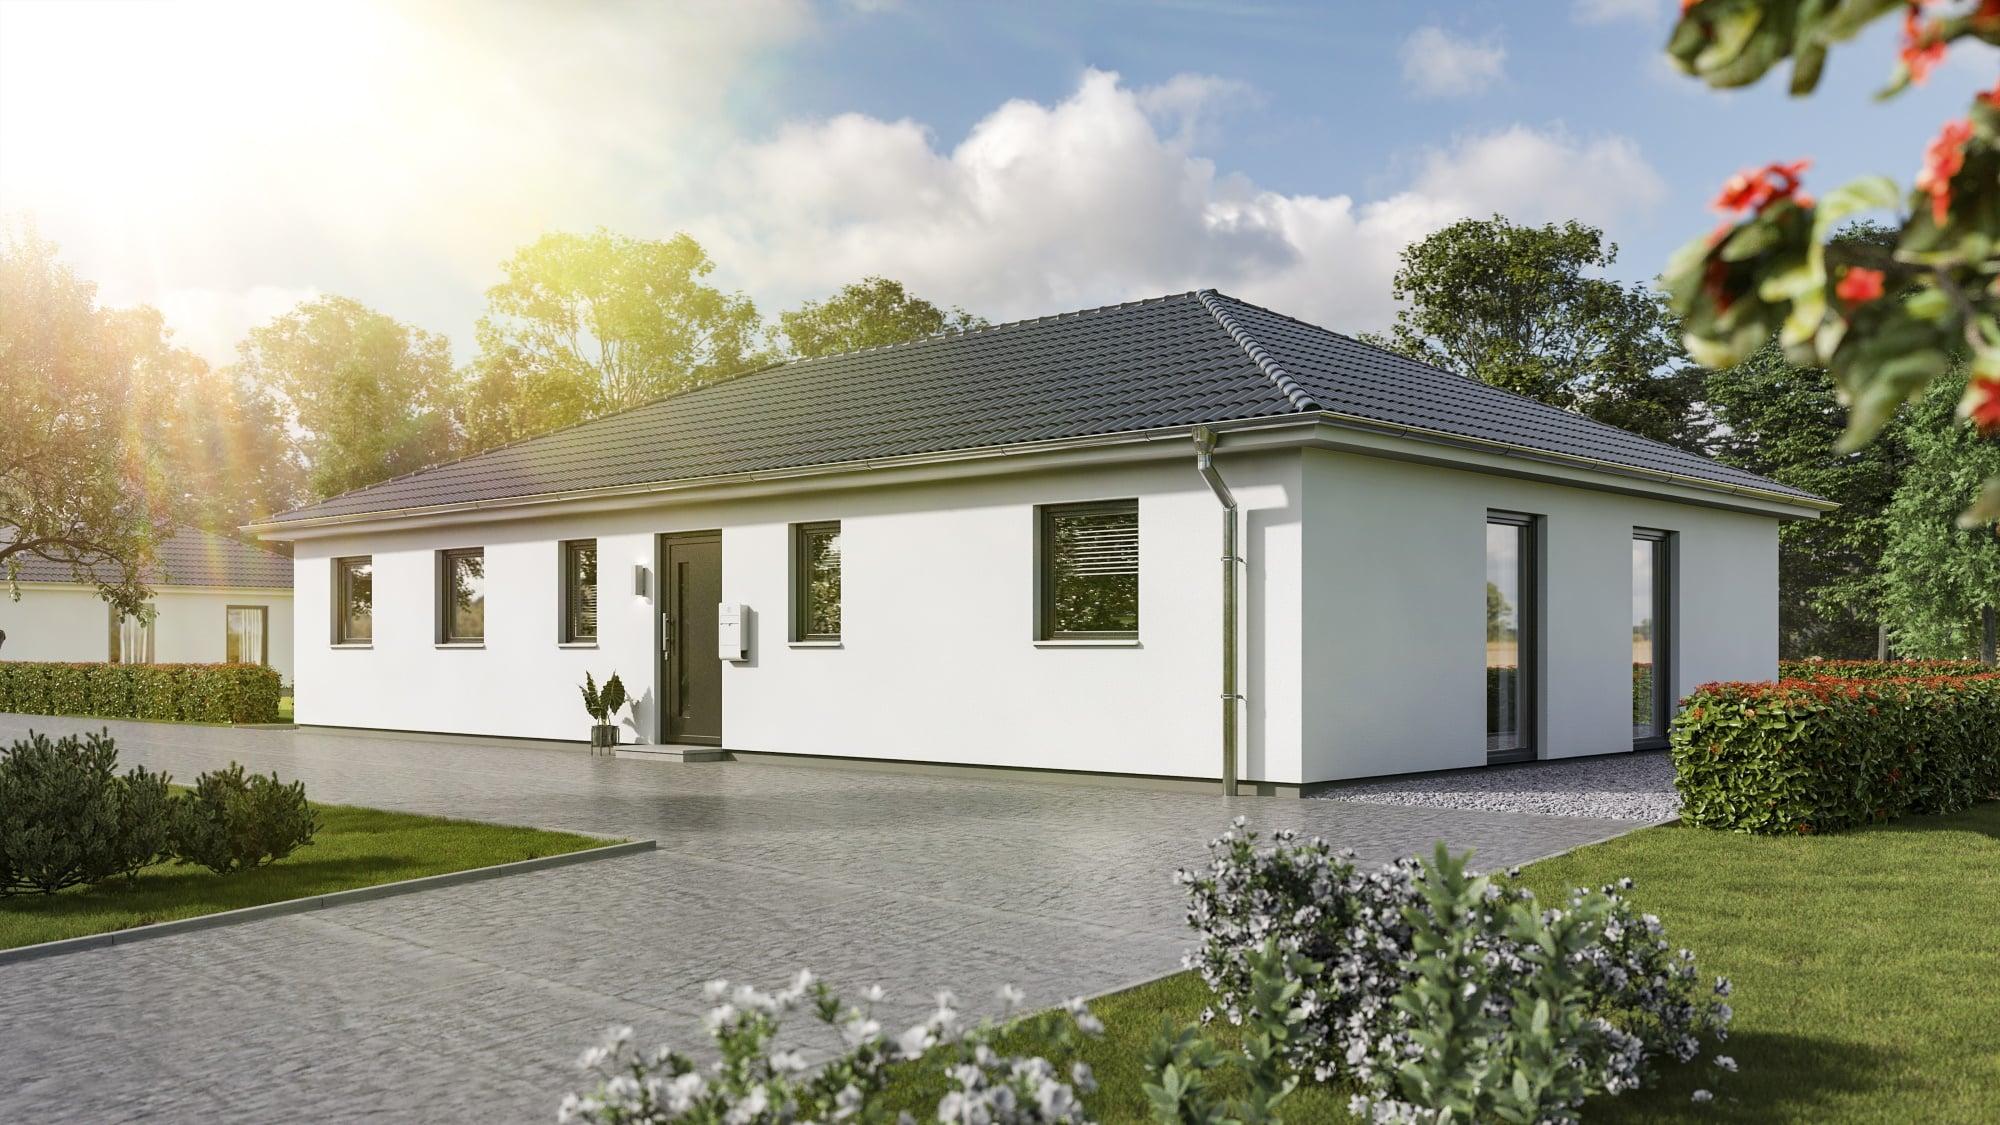 Bungalow Haus mit Walmdach Architektur, 5 Zimmer, 130 qm - Massivhaus Town Country Haus Bungalow 131 Elegance - HausbauDirekt.de